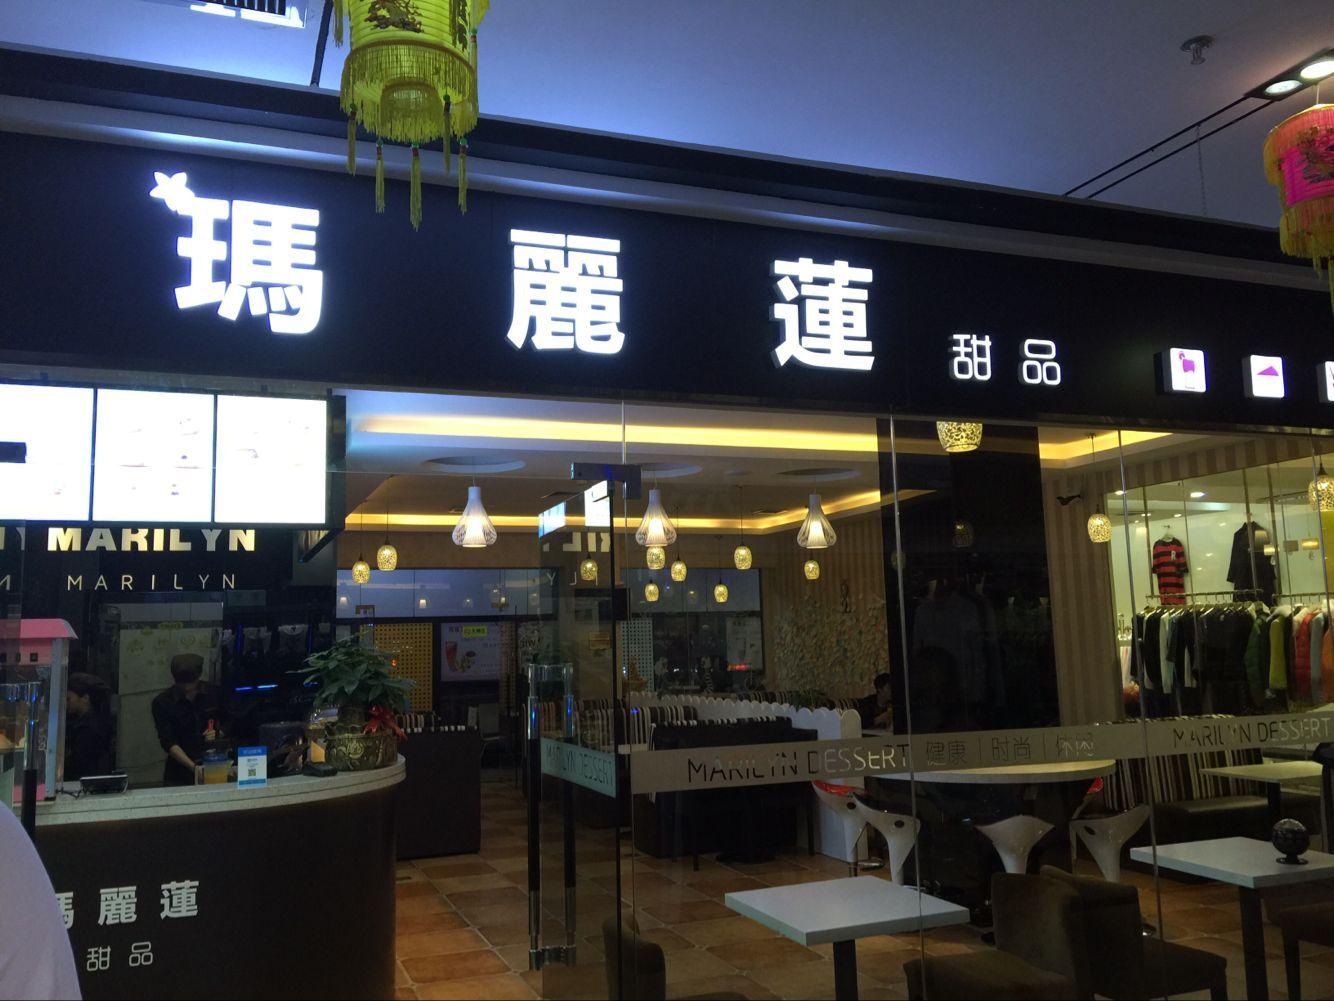 宝安现代简约风,玛丽莲奶茶全国连锁店